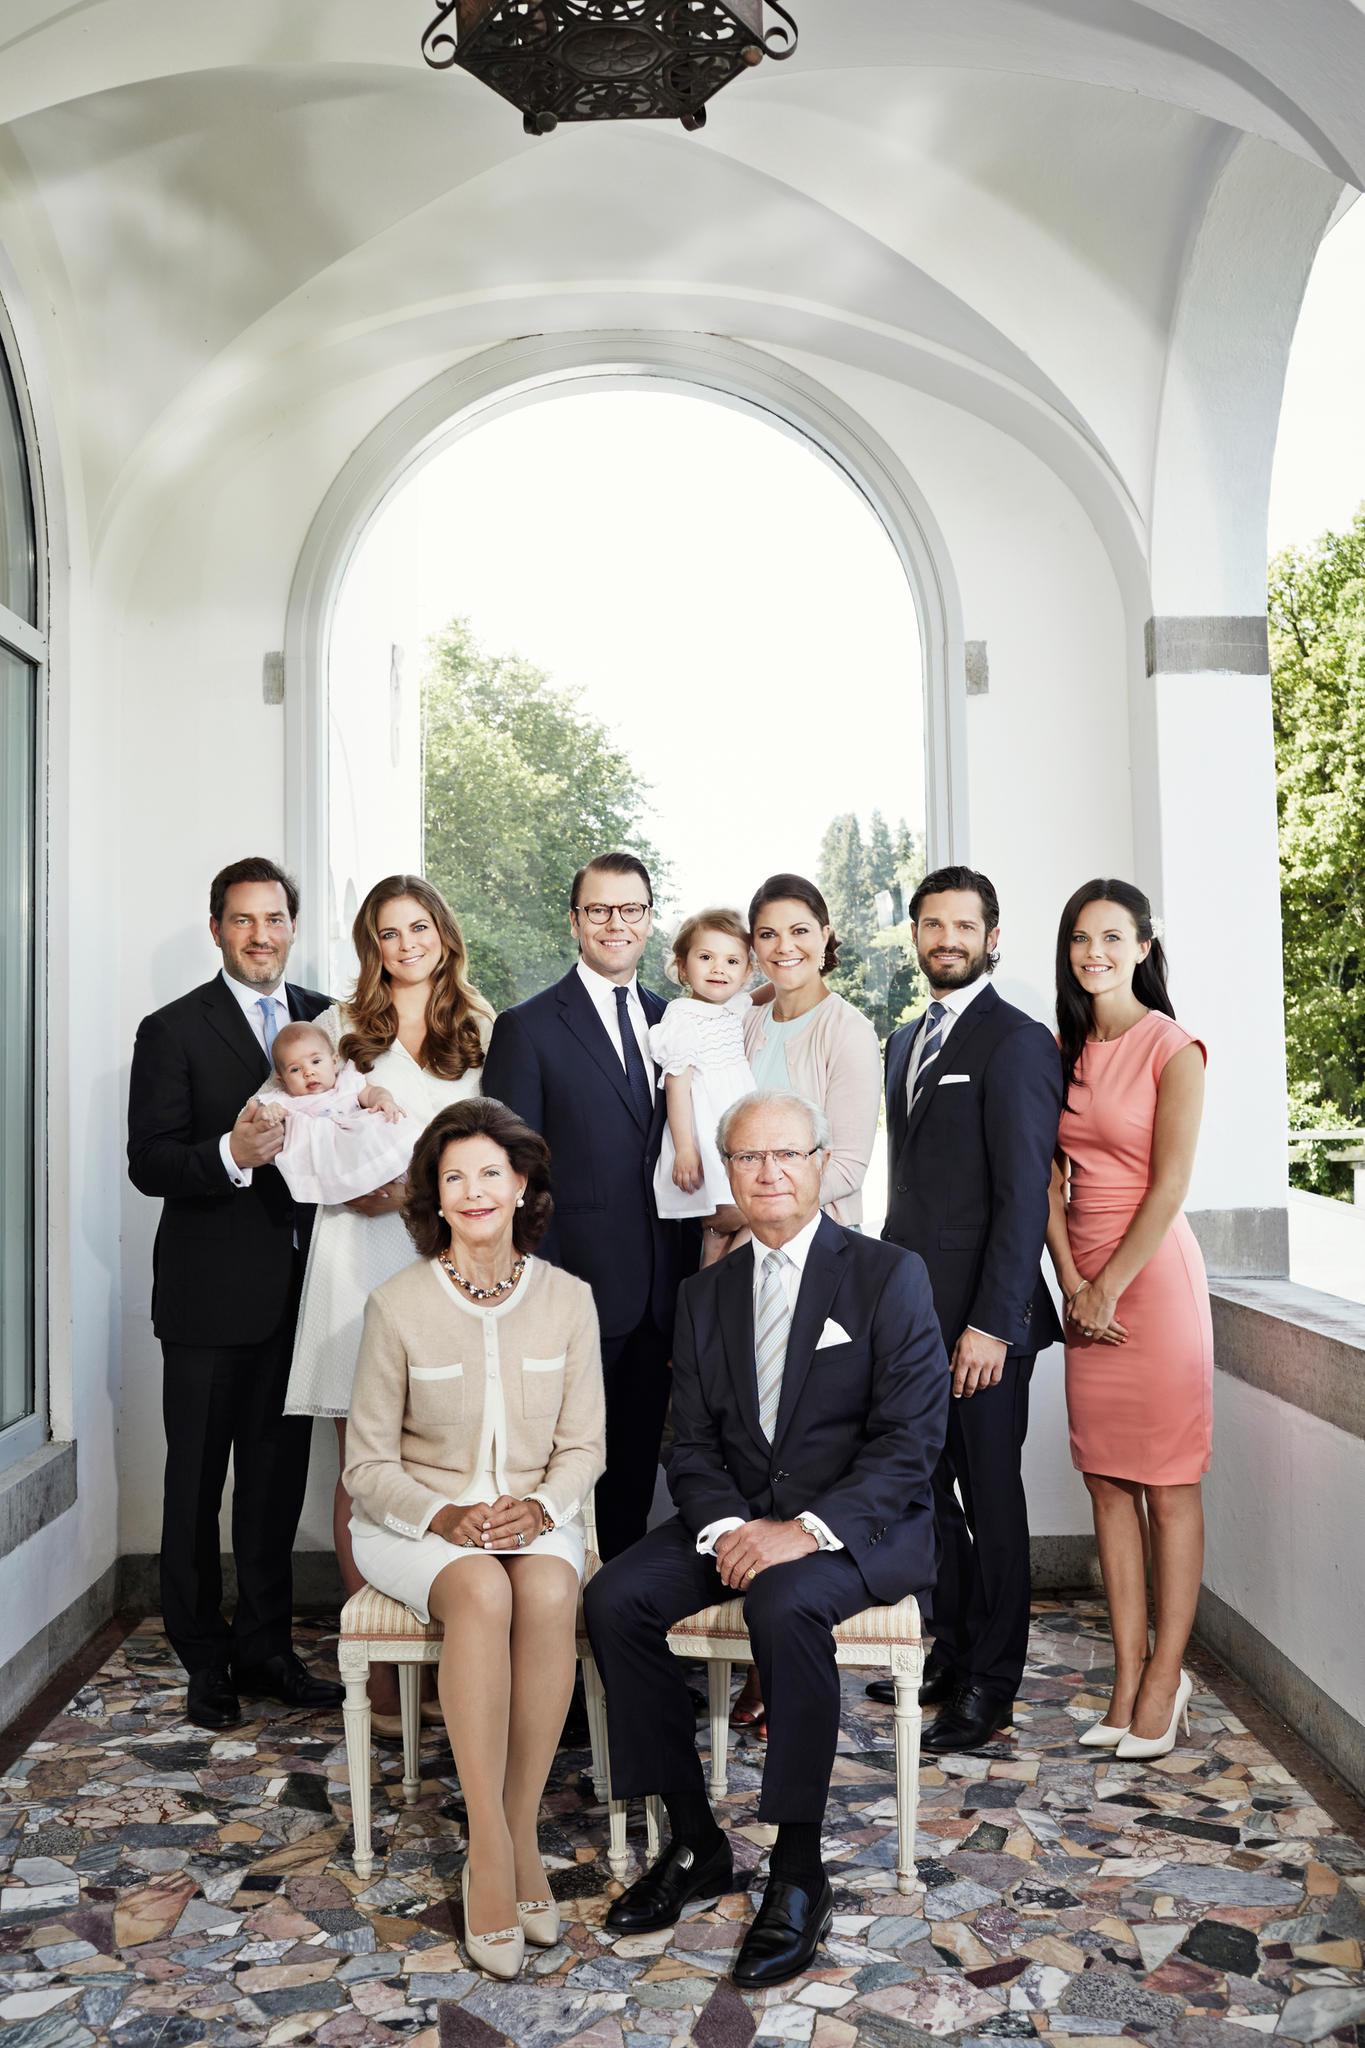 2014 war die Familie beim Sommerfoto auf Schloss Solliden noch deutlich kleiner. Sofia Hellqvist nahm damals als Verlobte von Prinz Carl Philip am Familienurlaub teil.